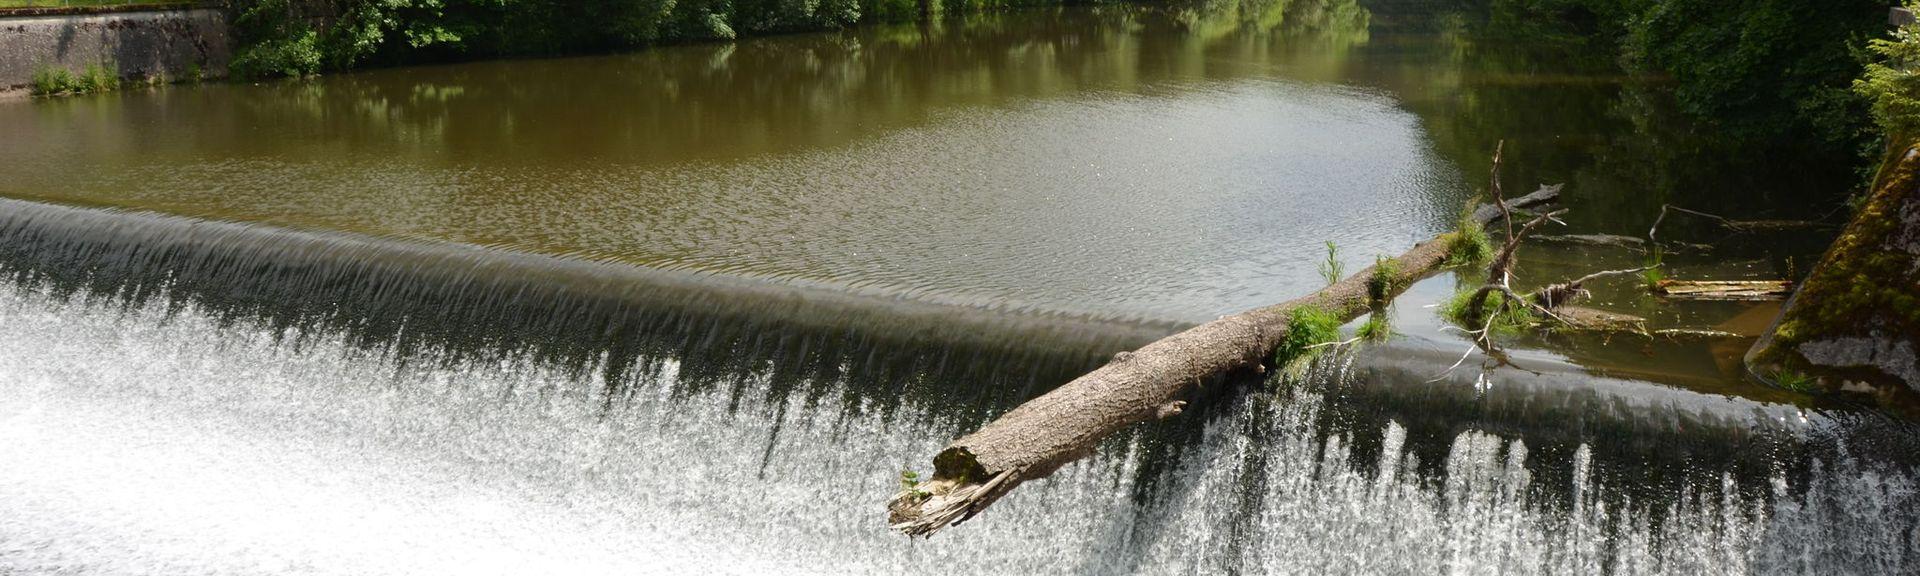 Jestřabí v Krkonoších, Czechia